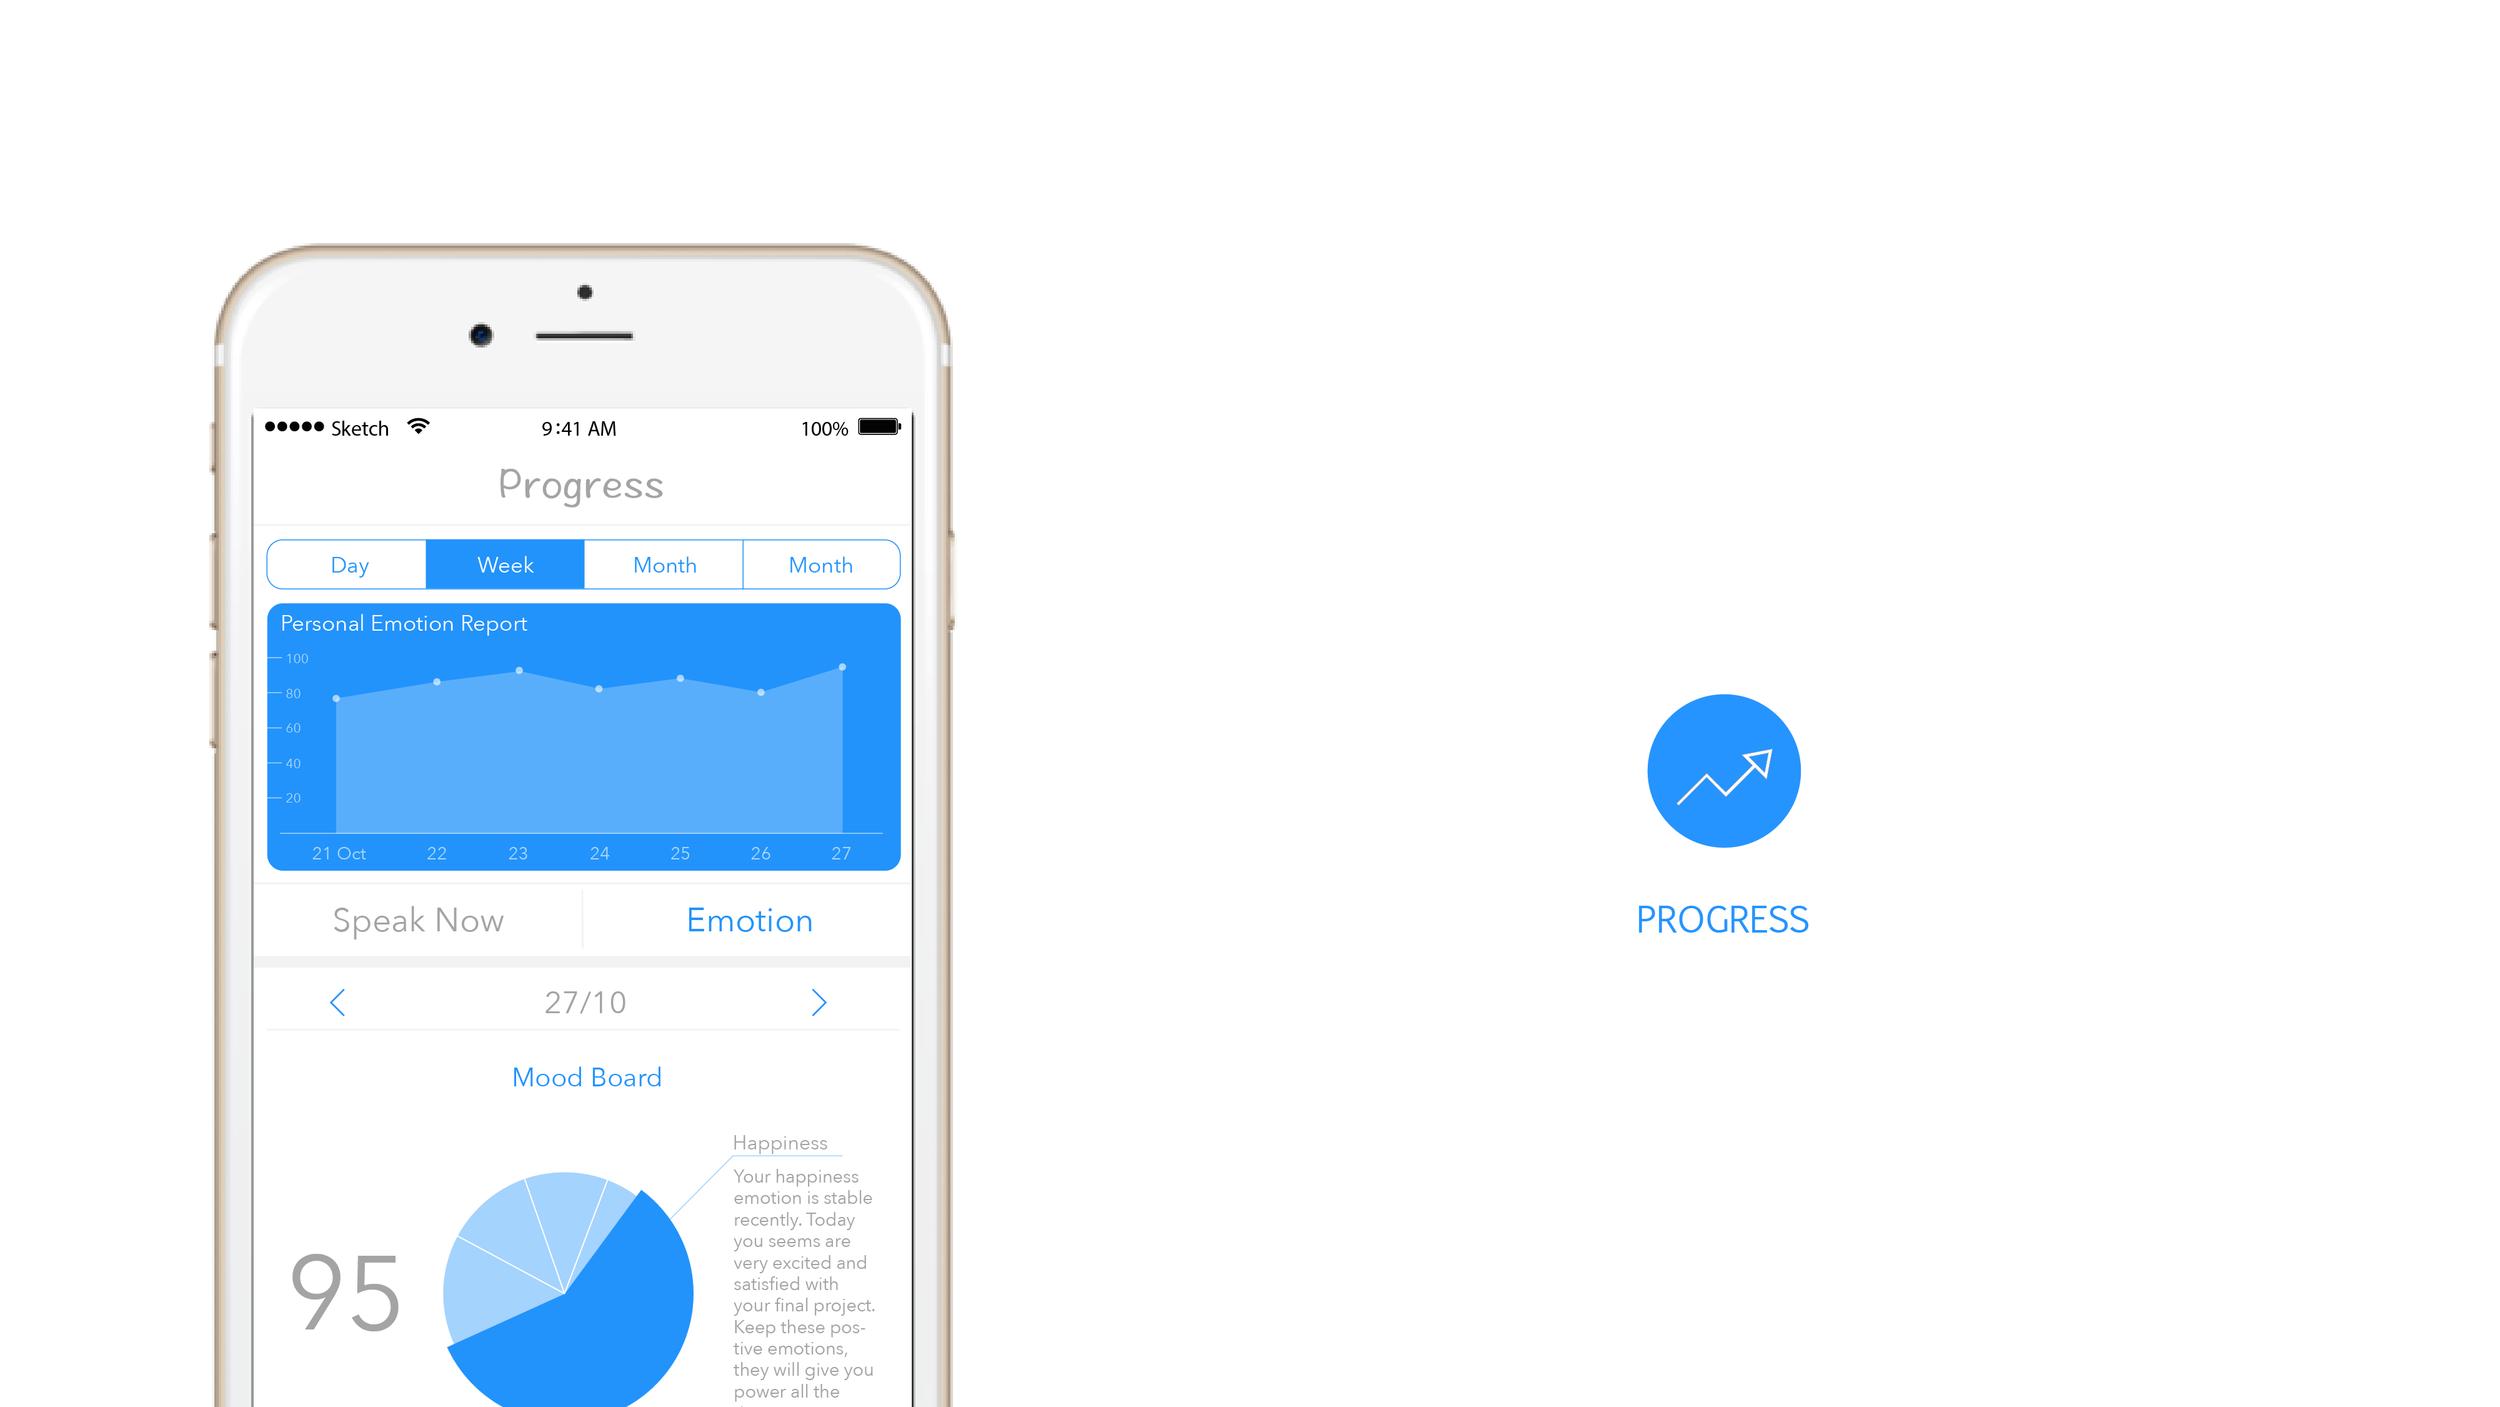 App_Mockup_Progress-04-04.png